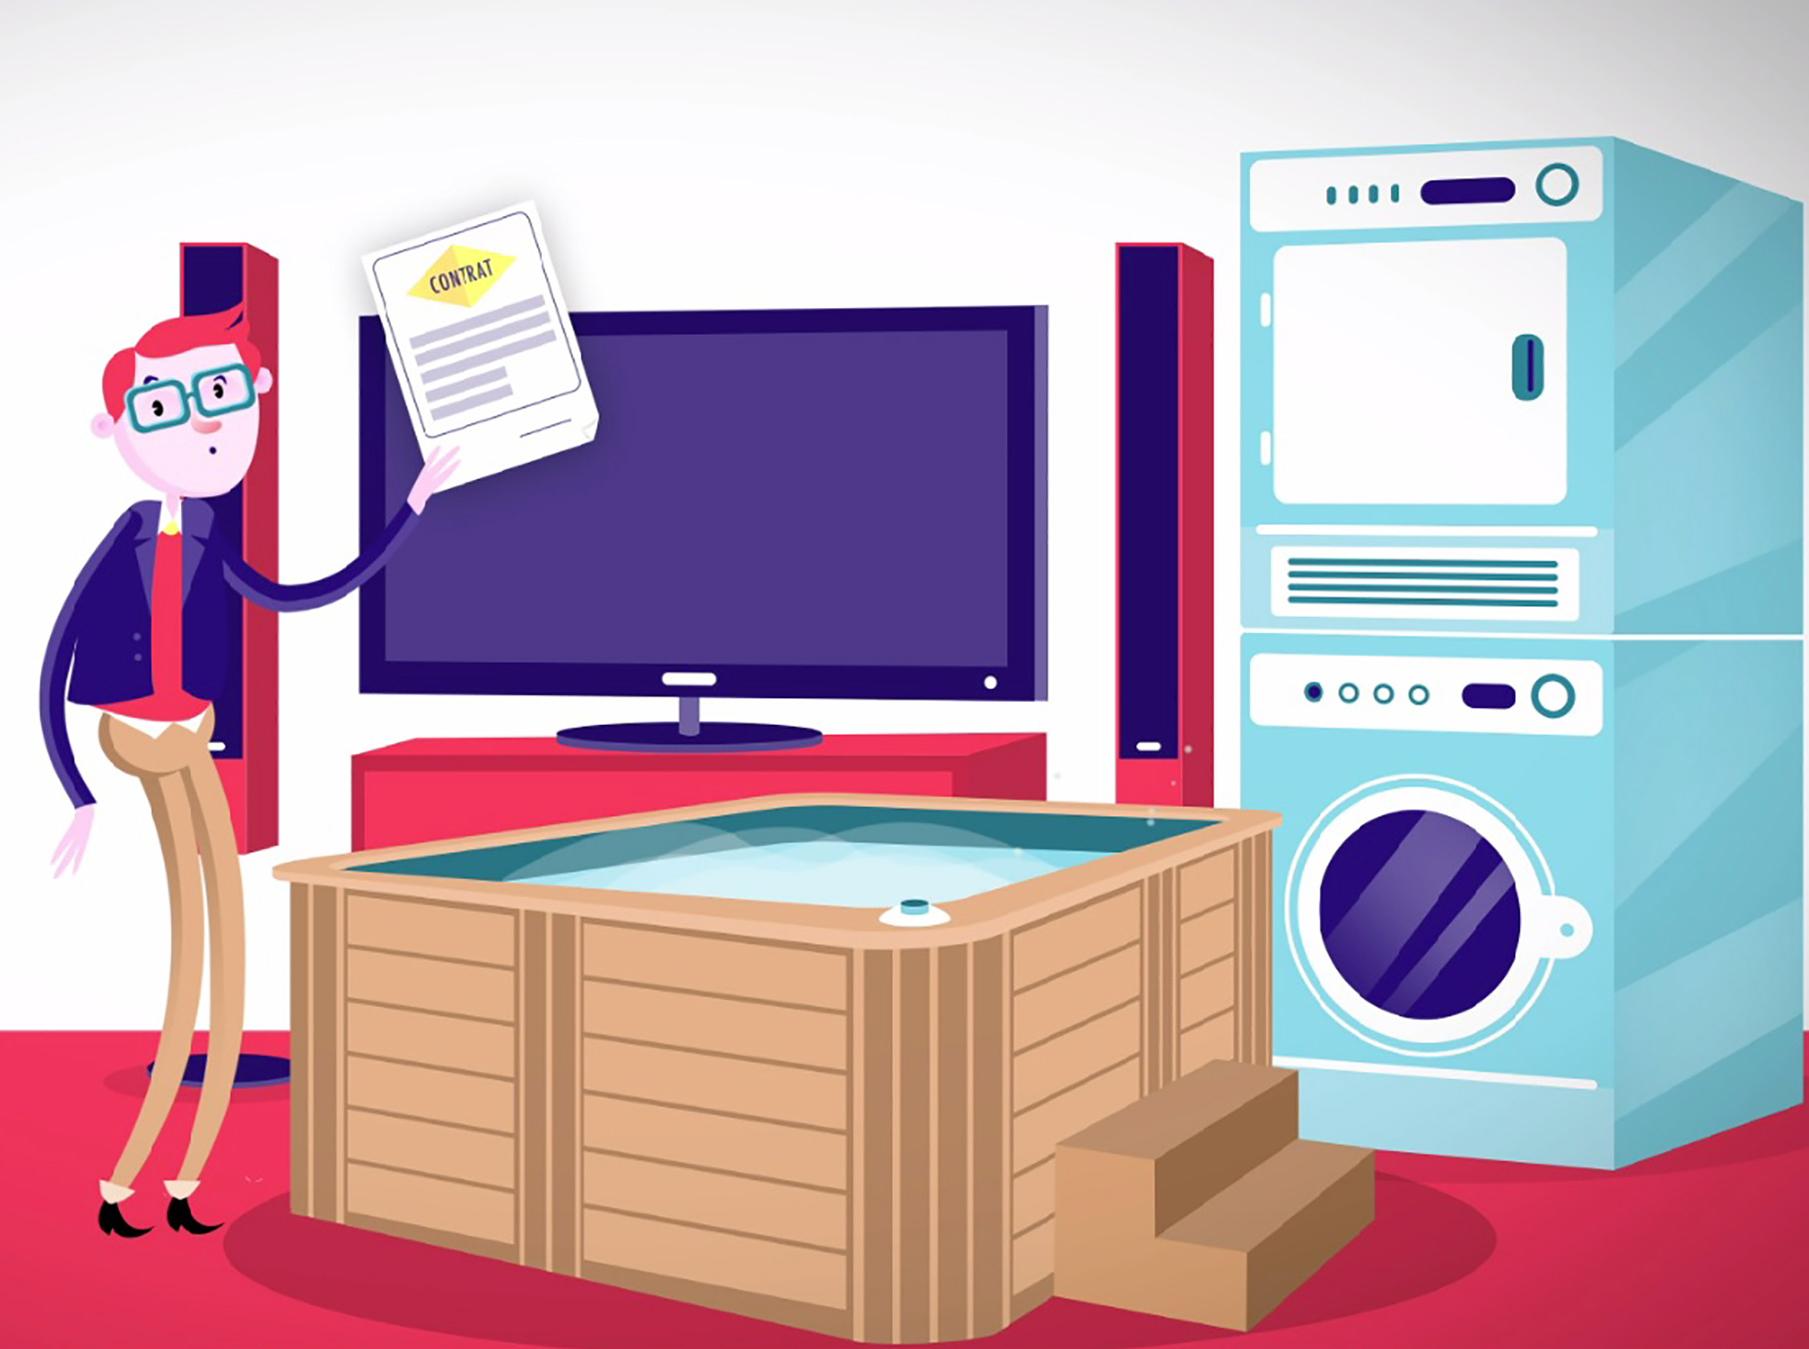 acheter des meubles cr dit c est parfois risqu prot gez. Black Bedroom Furniture Sets. Home Design Ideas